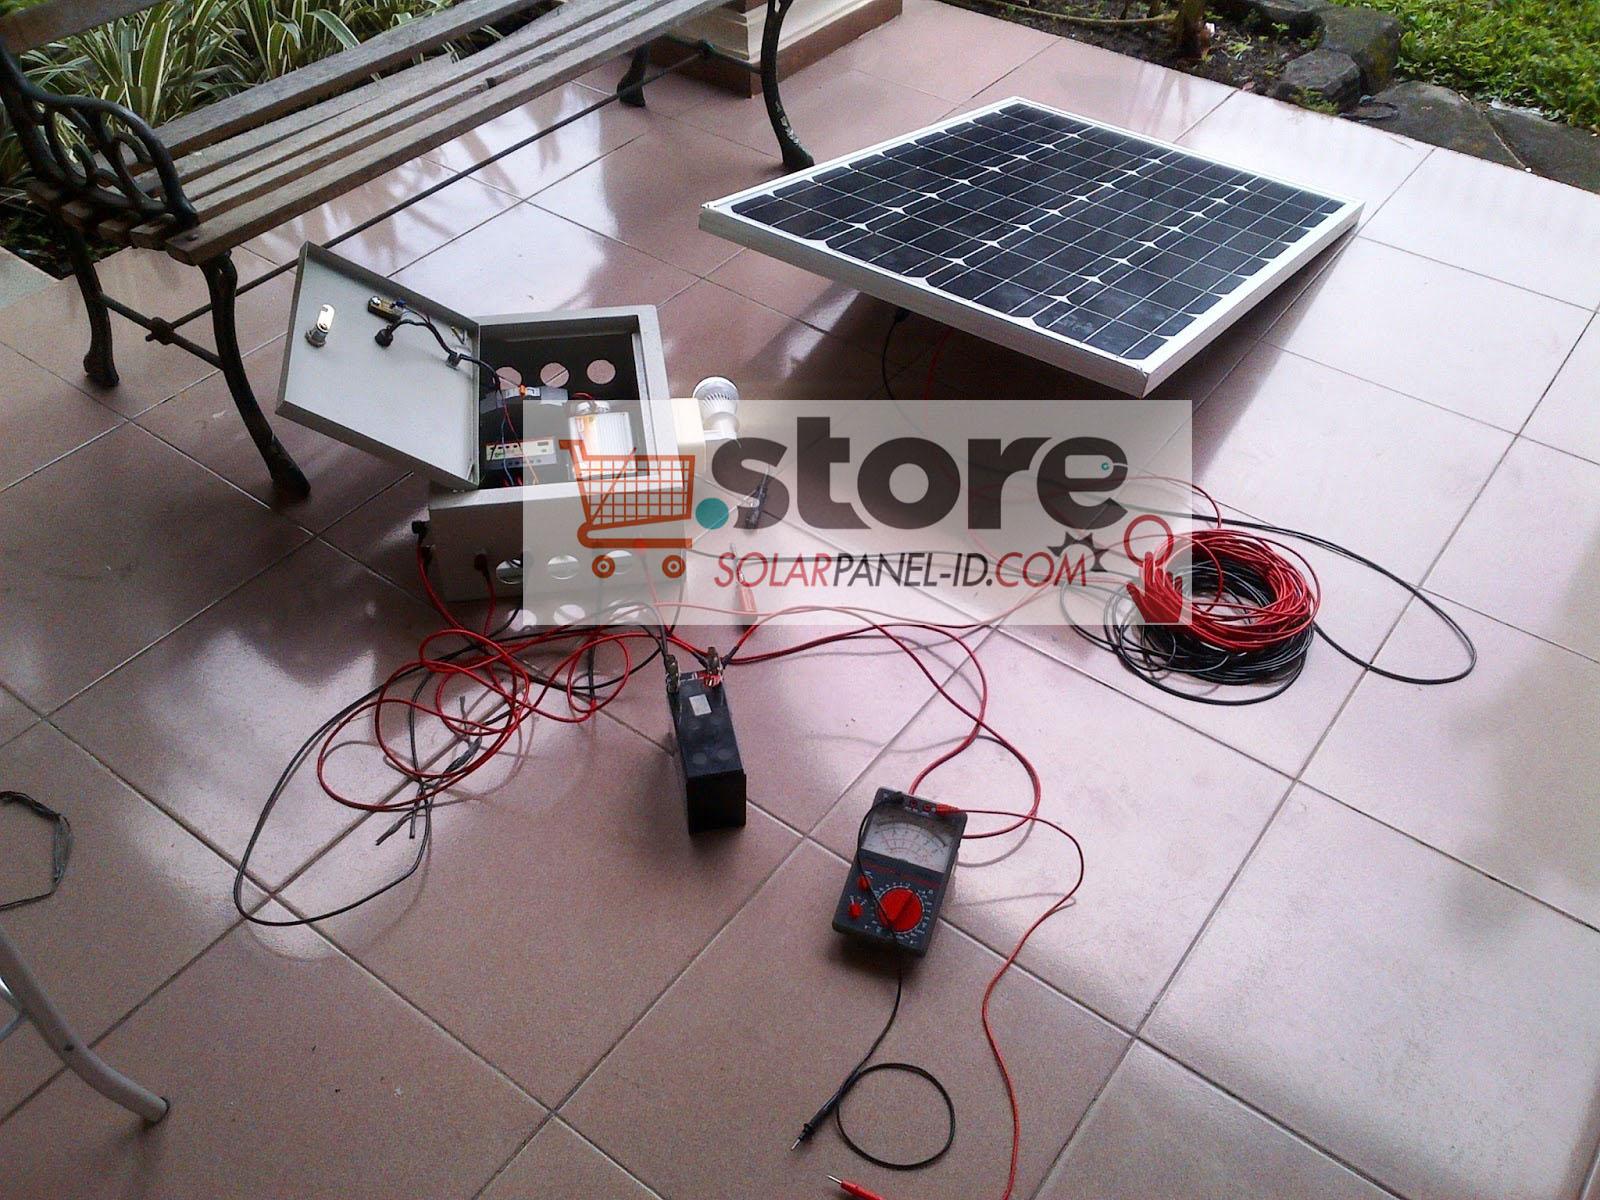 Solarcell Tenaga Surya Palembang